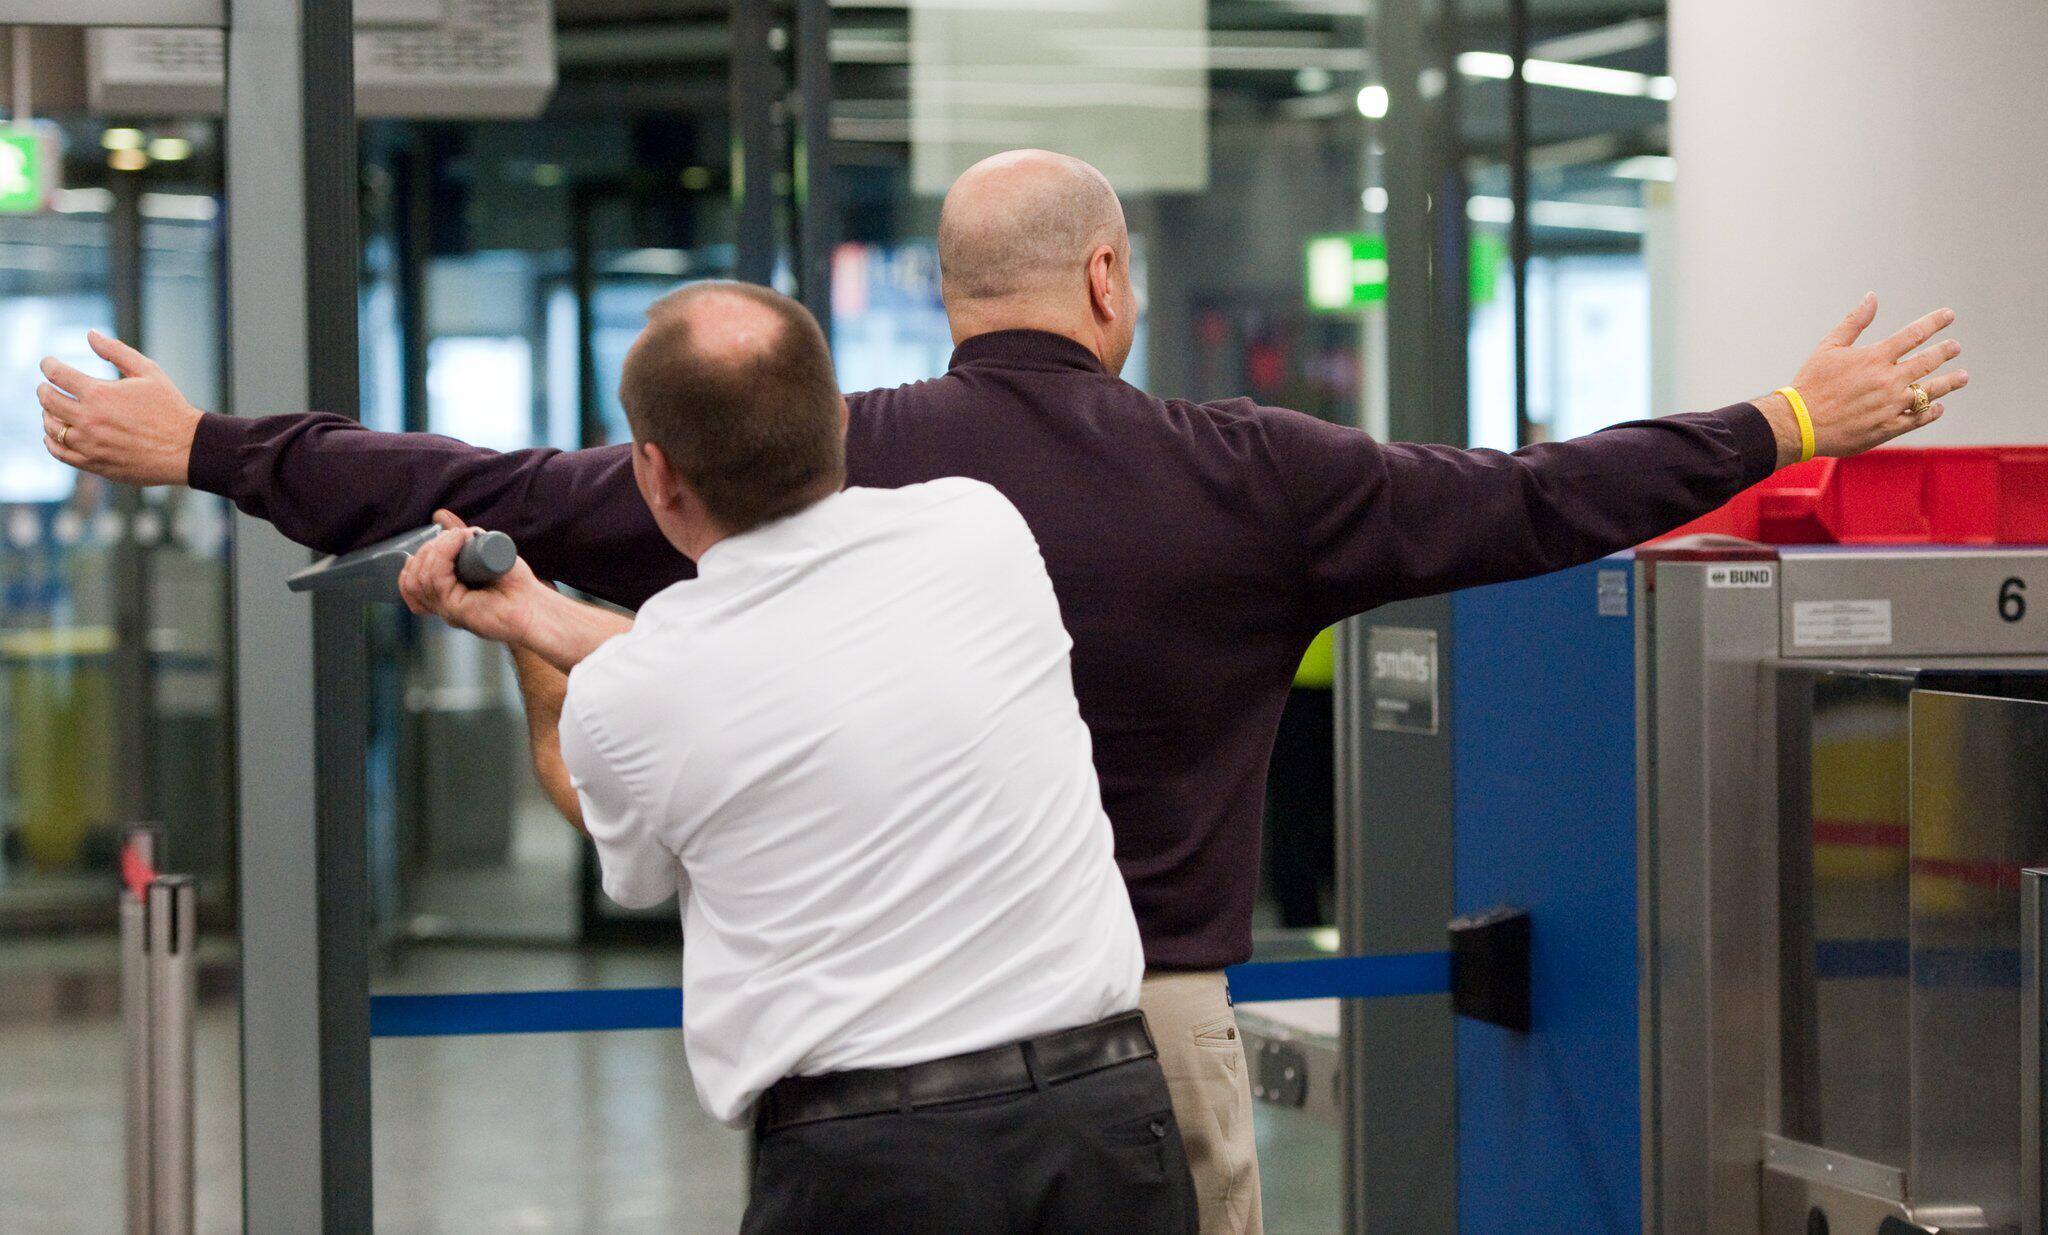 Bild zu Flughafen Frankfurt - Sicherheitskontrolle